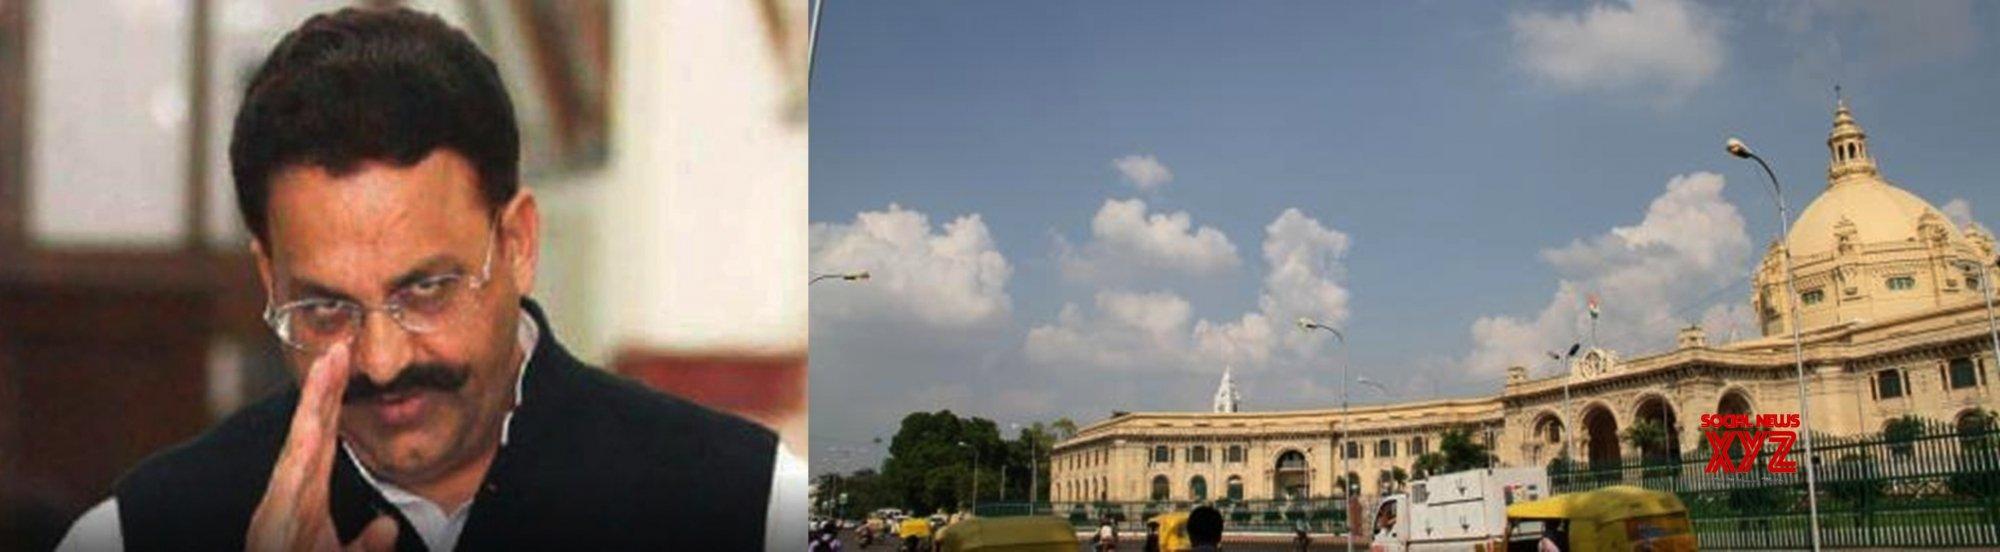 Mukhtar Ansari may lose his UP Assembly membership